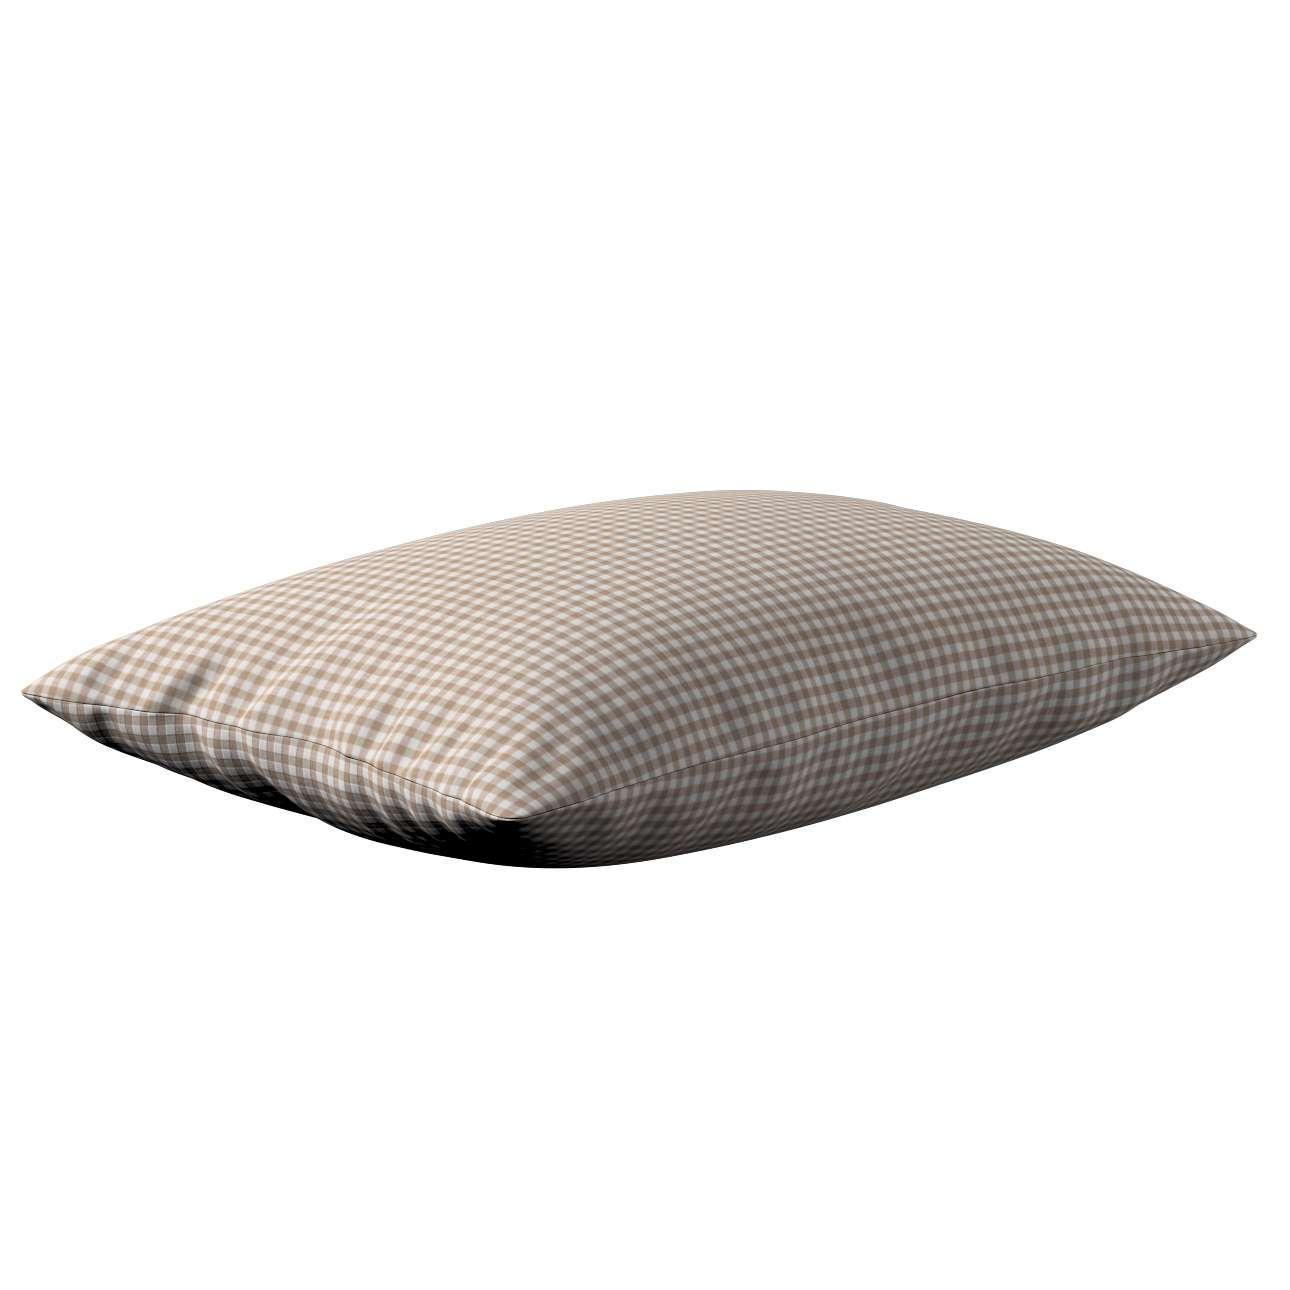 Poszewka Kinga na poduszkę prostokątną 60 x 40 cm w kolekcji Quadro, tkanina: 136-05